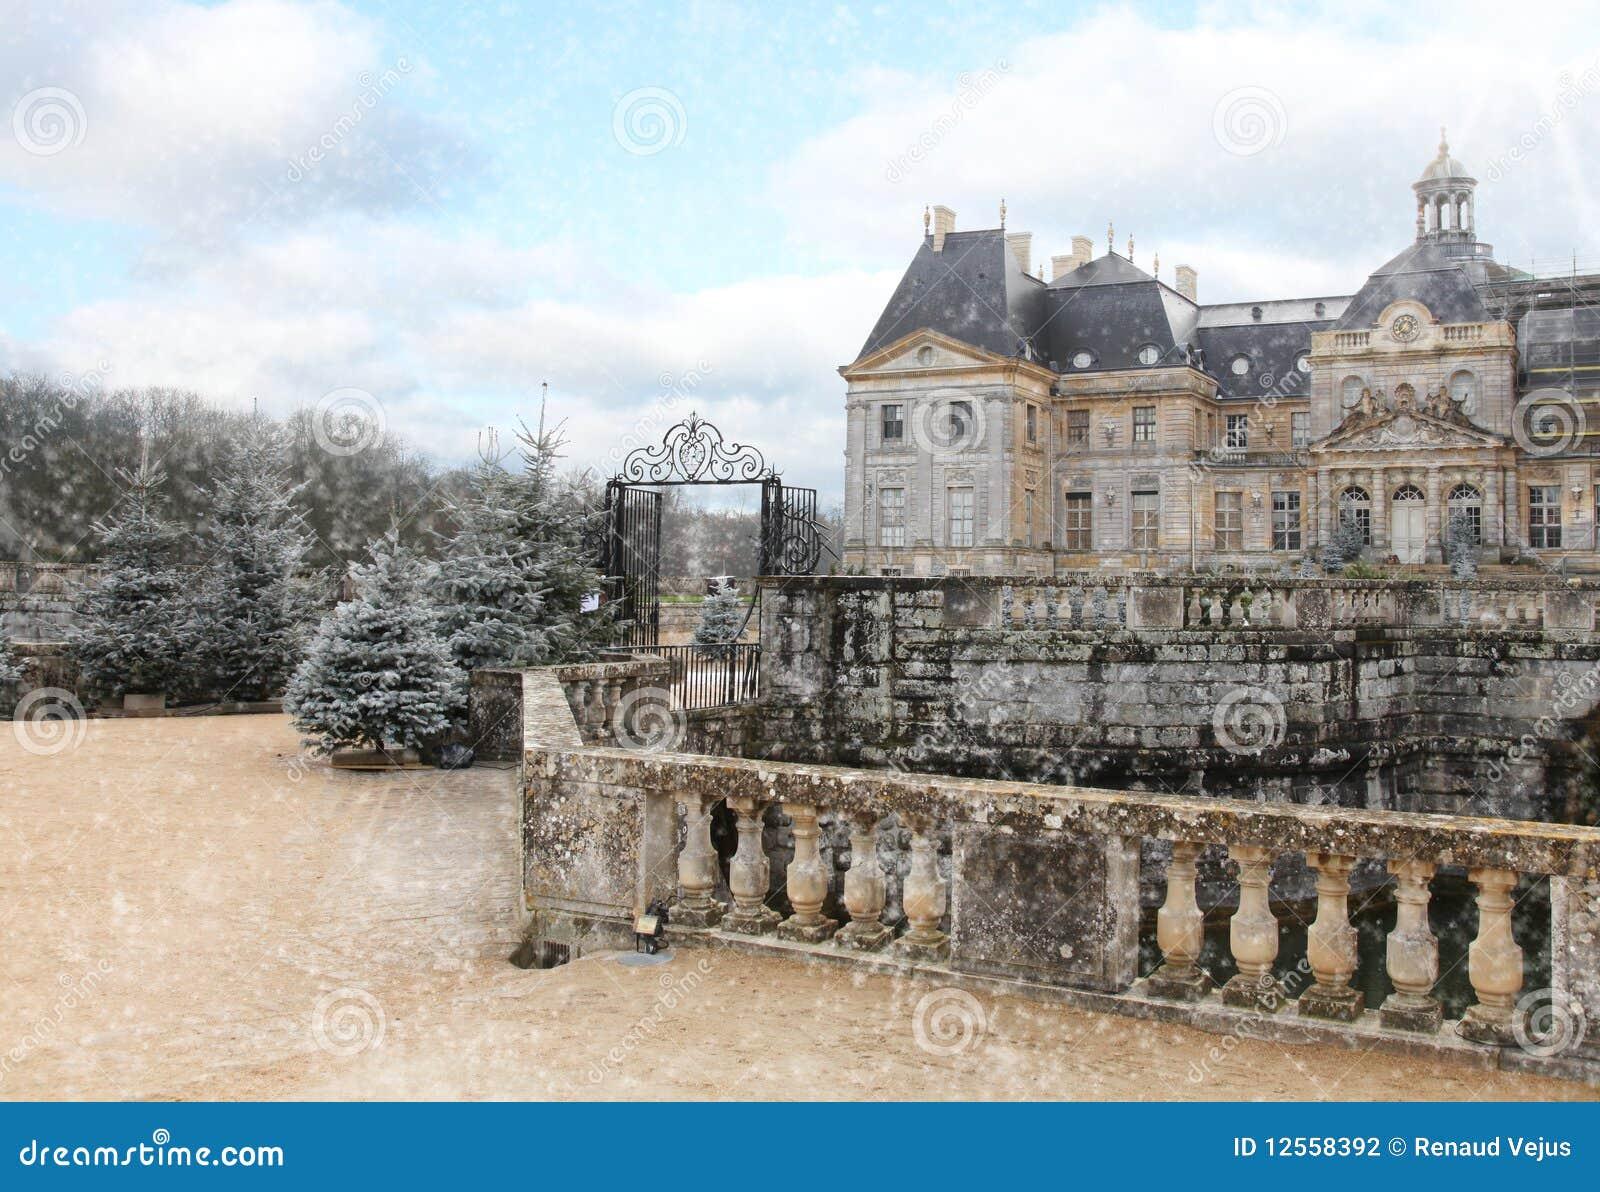 Castillo vaux le vicomte en invierno